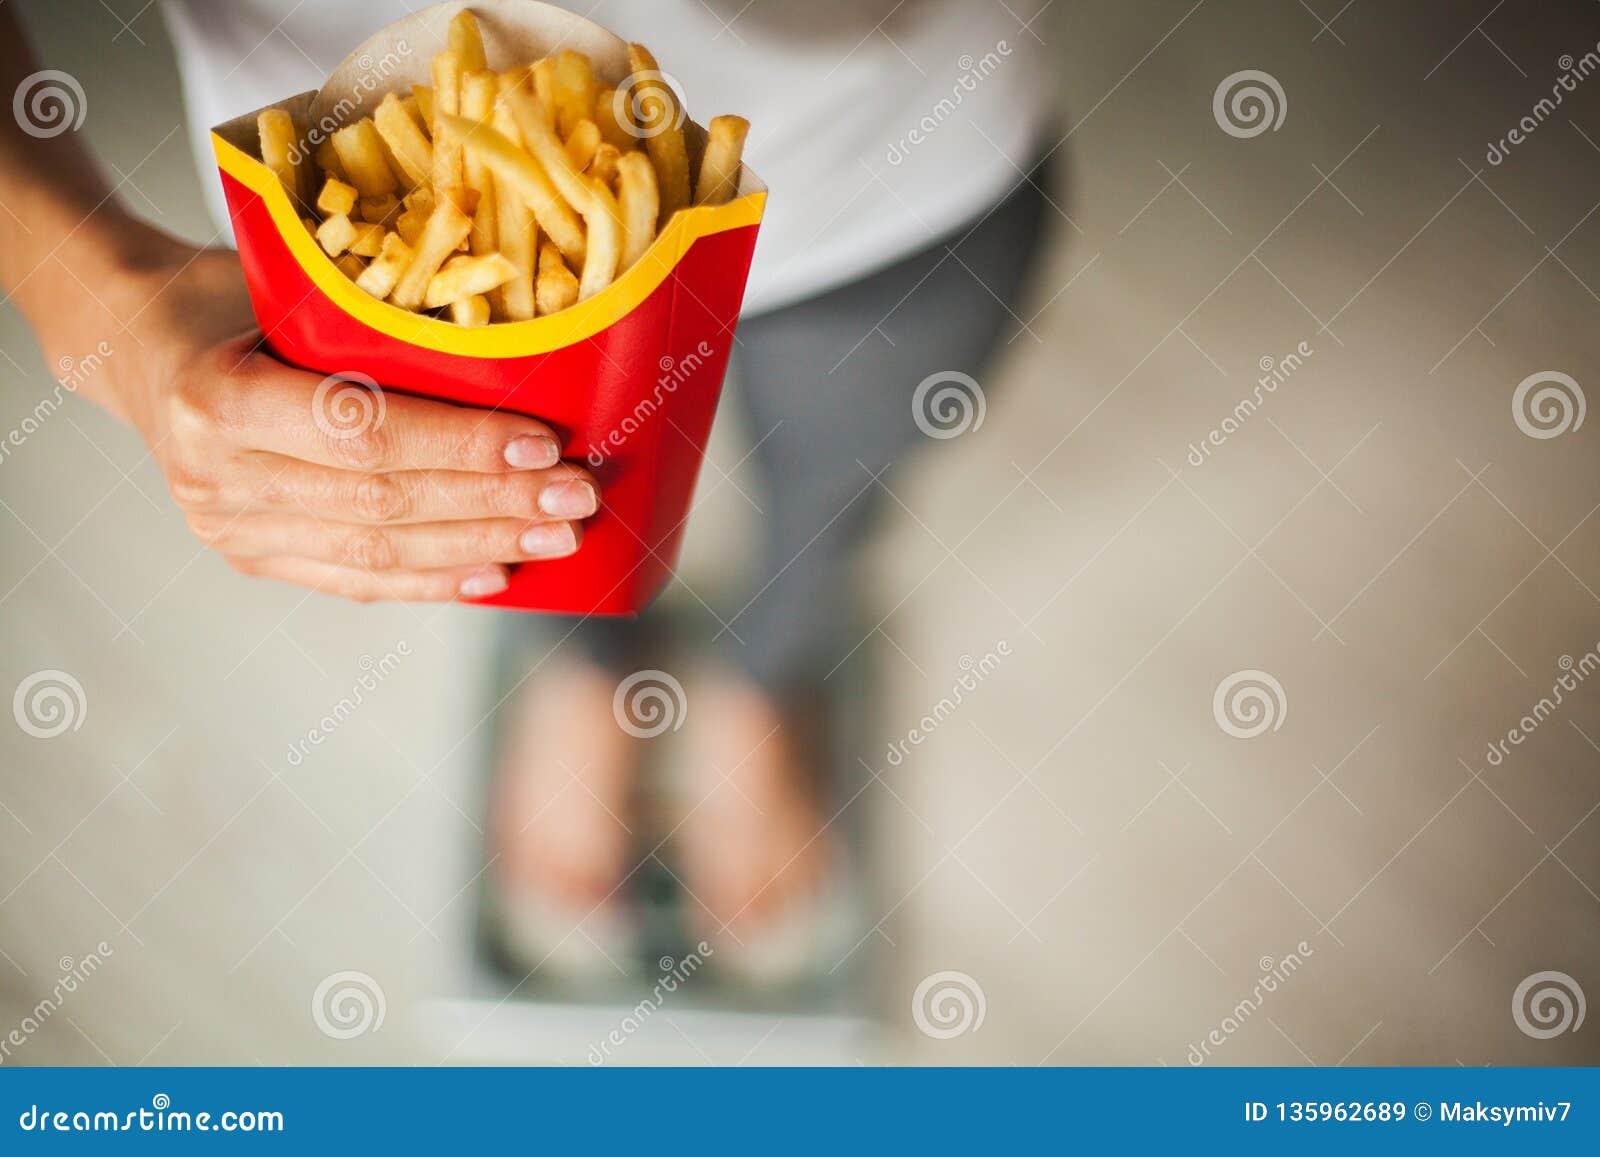 饮食 在拿着不健康的垃圾食品的秤的妇女测量的体重 查出的损失评定躯干重量白人妇女 肥胖病 顶视图